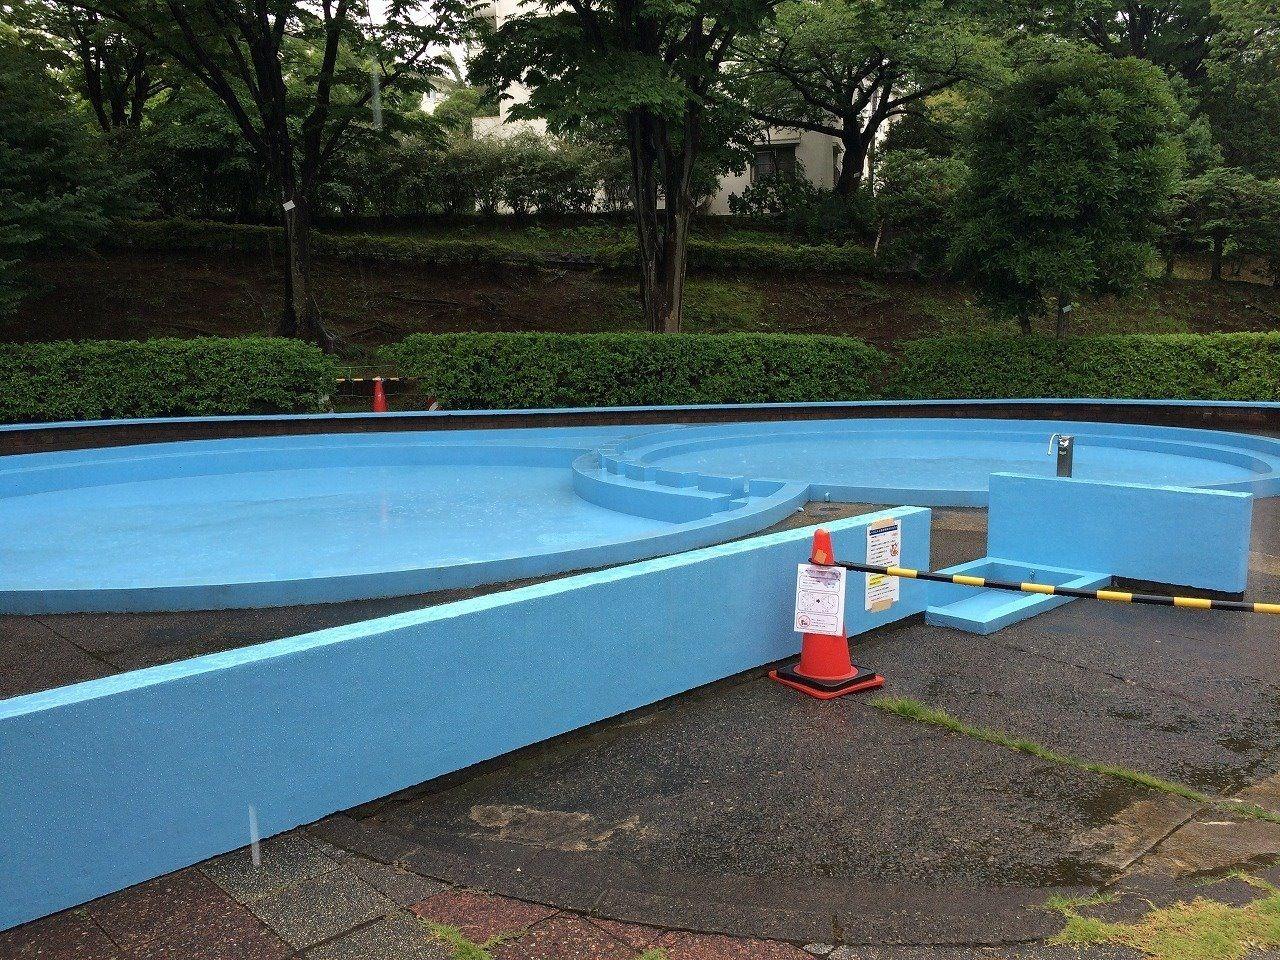 たまプラーザ団地ジャブジャブ池 じゃぶじゃぶプール 幼児用プール